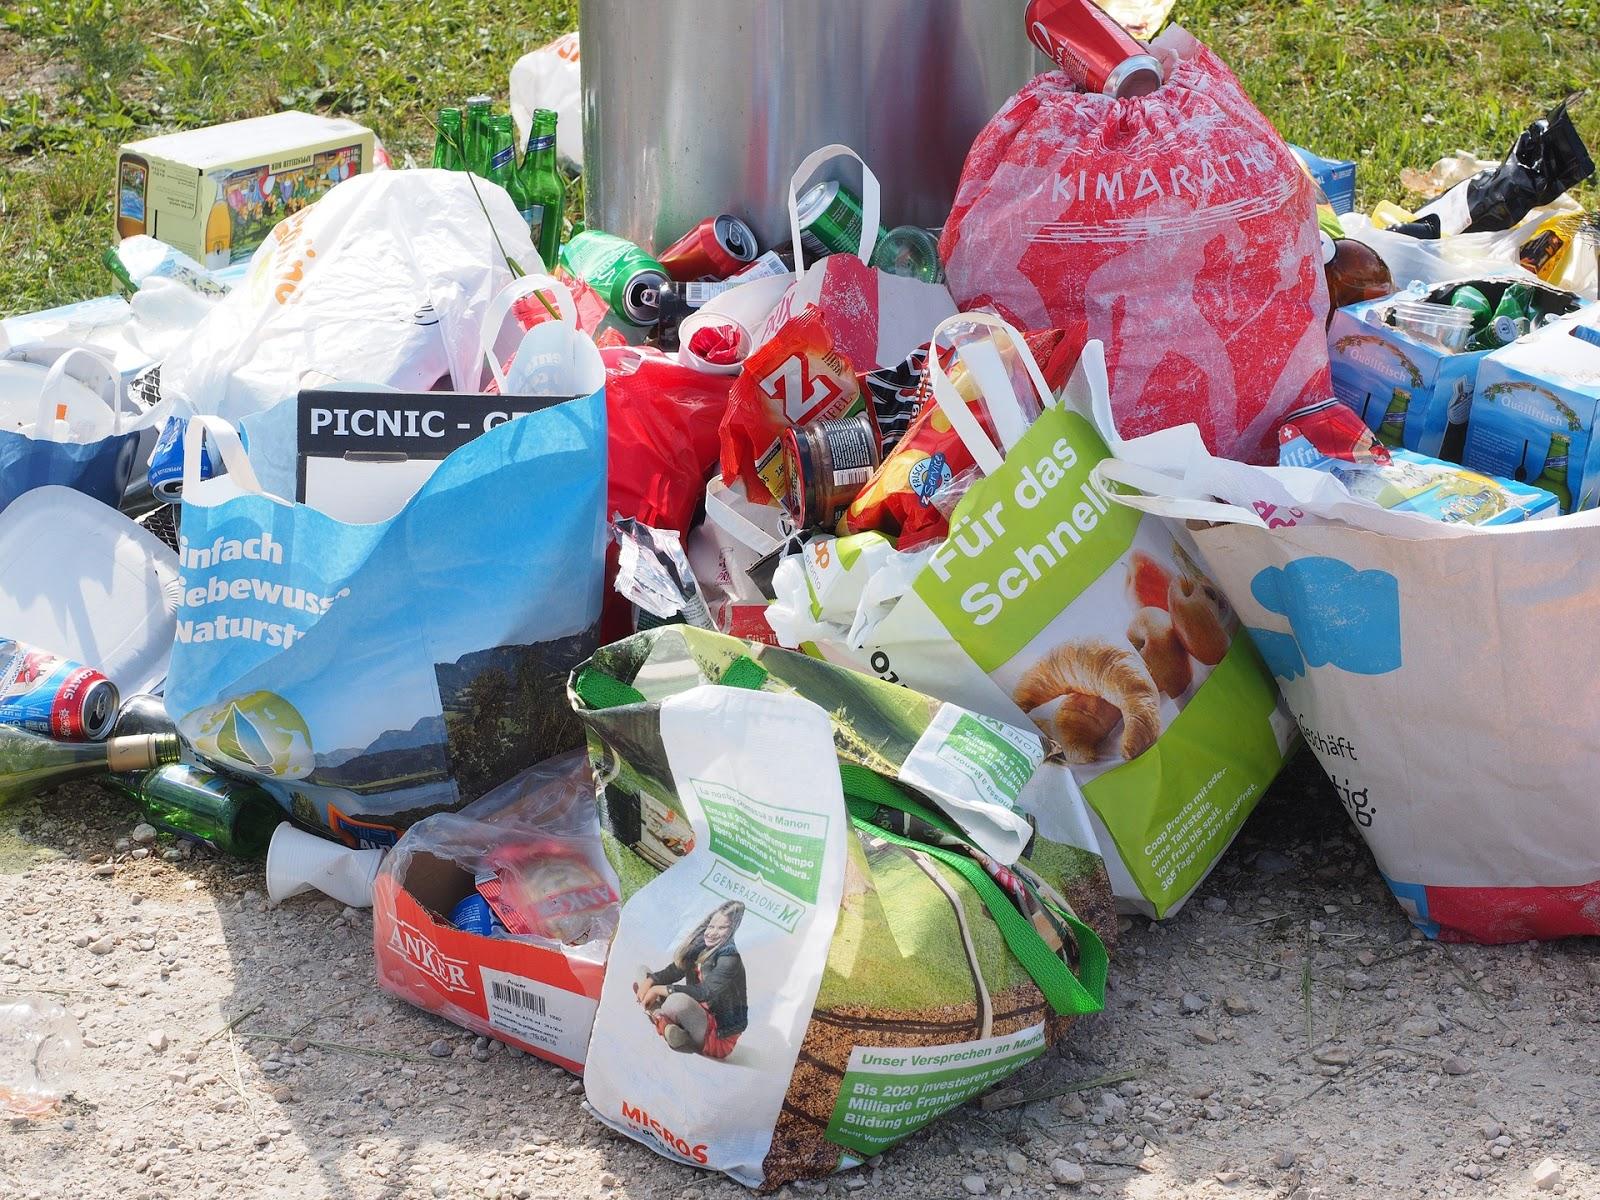 spodoby na ograniczenie śmieci, jak ograniczyć ilość śmieci, jak ograniczyć ilość odpadów